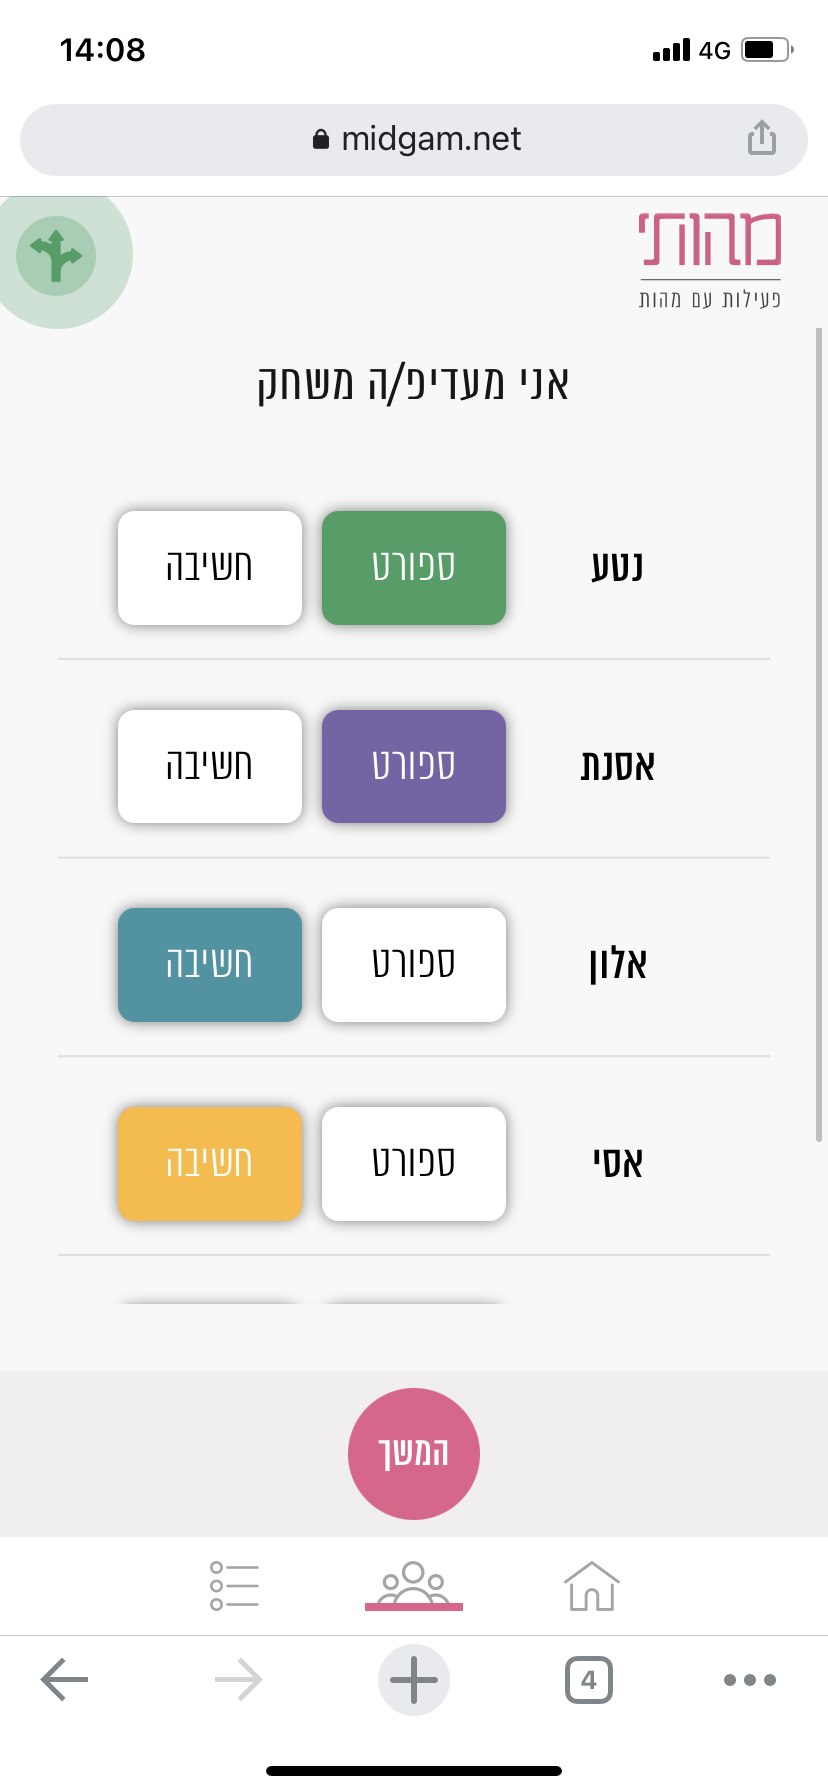 אפליקציה 'זמן משפחתי' לטיולים